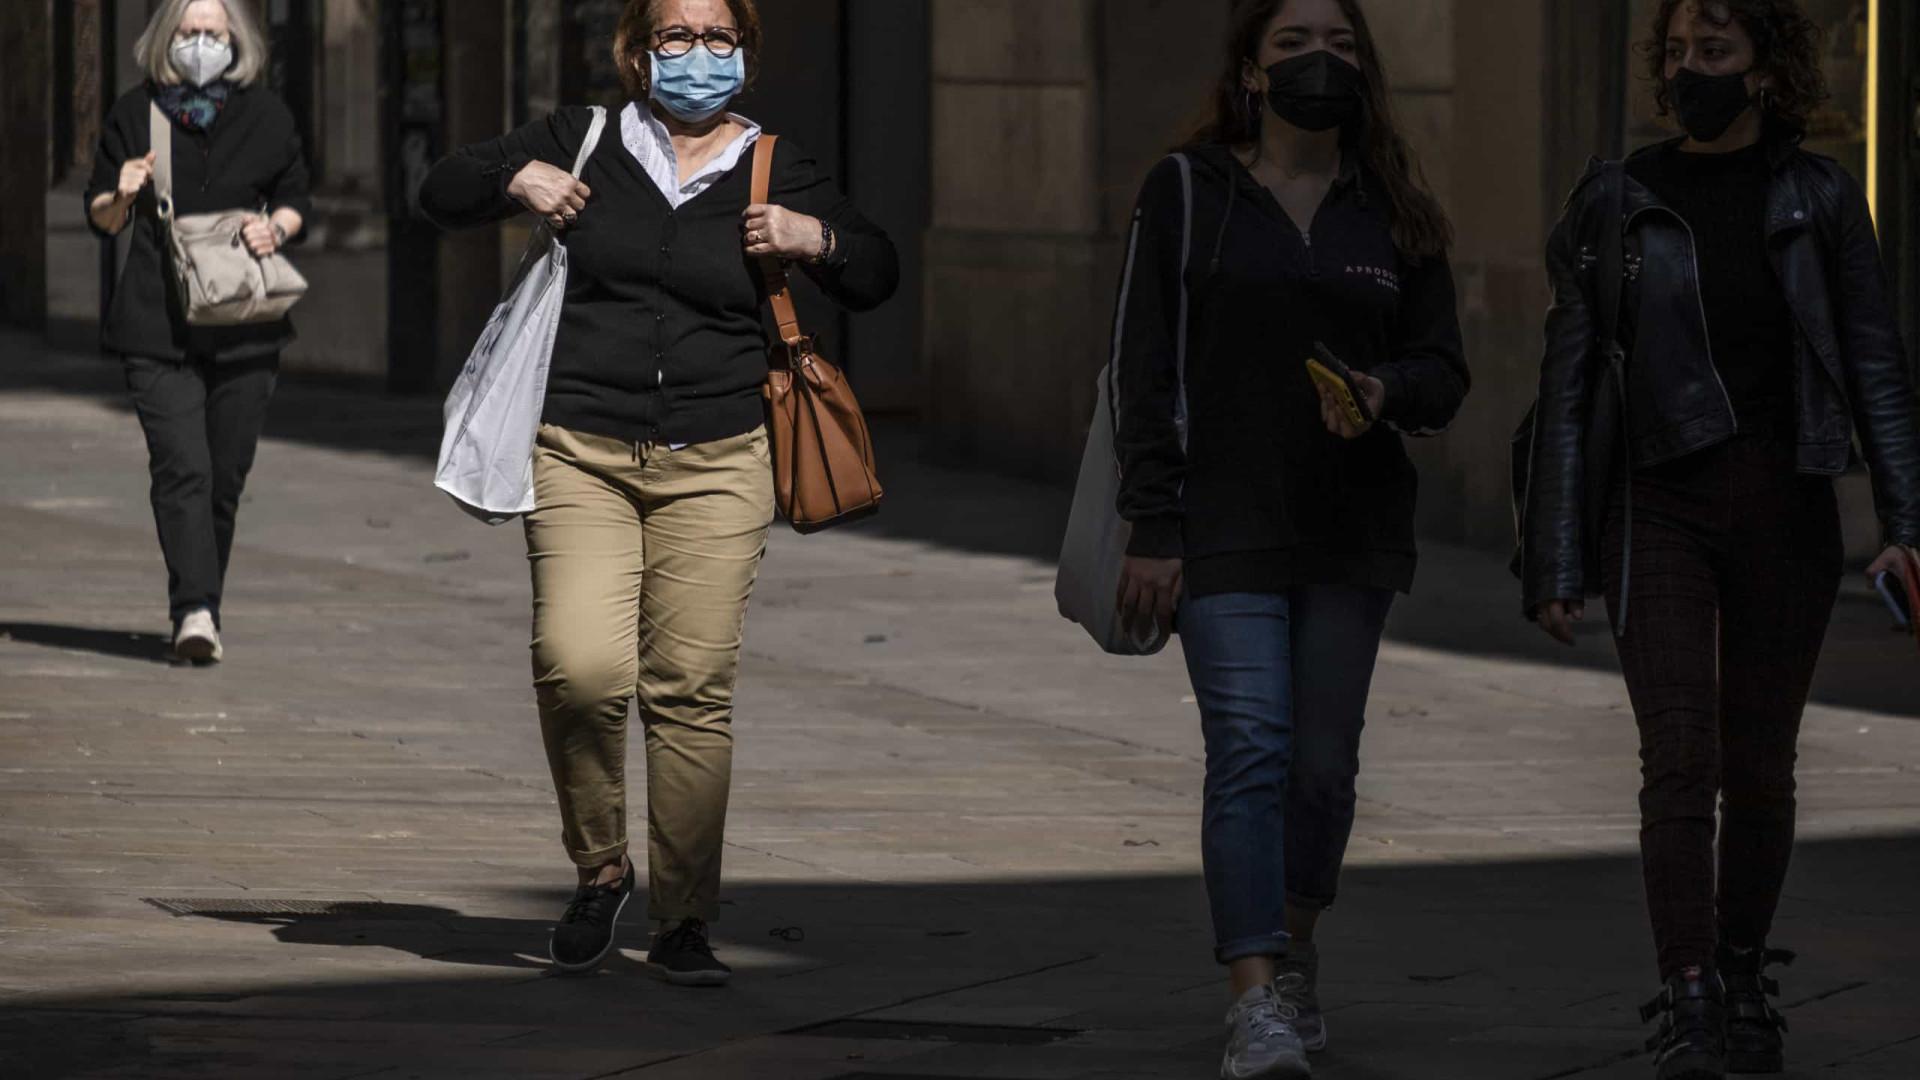 Espanha registra mais de 13 mil novos casos e 140 mortes em 24 horas